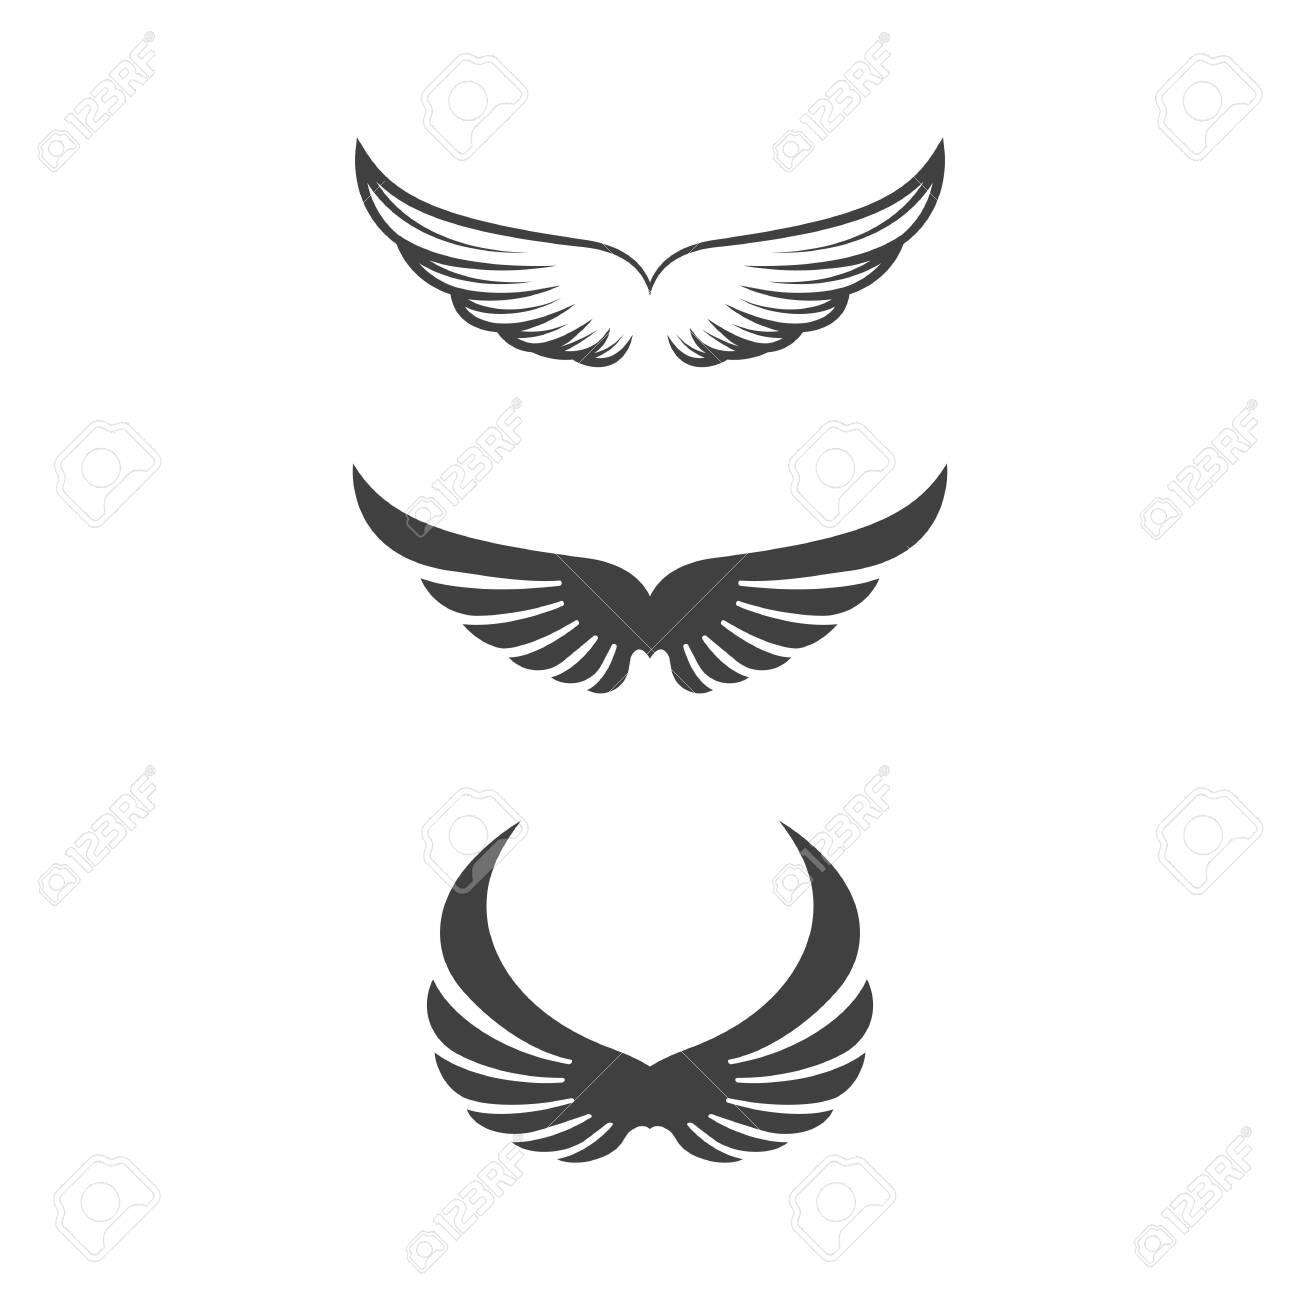 Falcon wing icon Template vector illustration design - 149835834